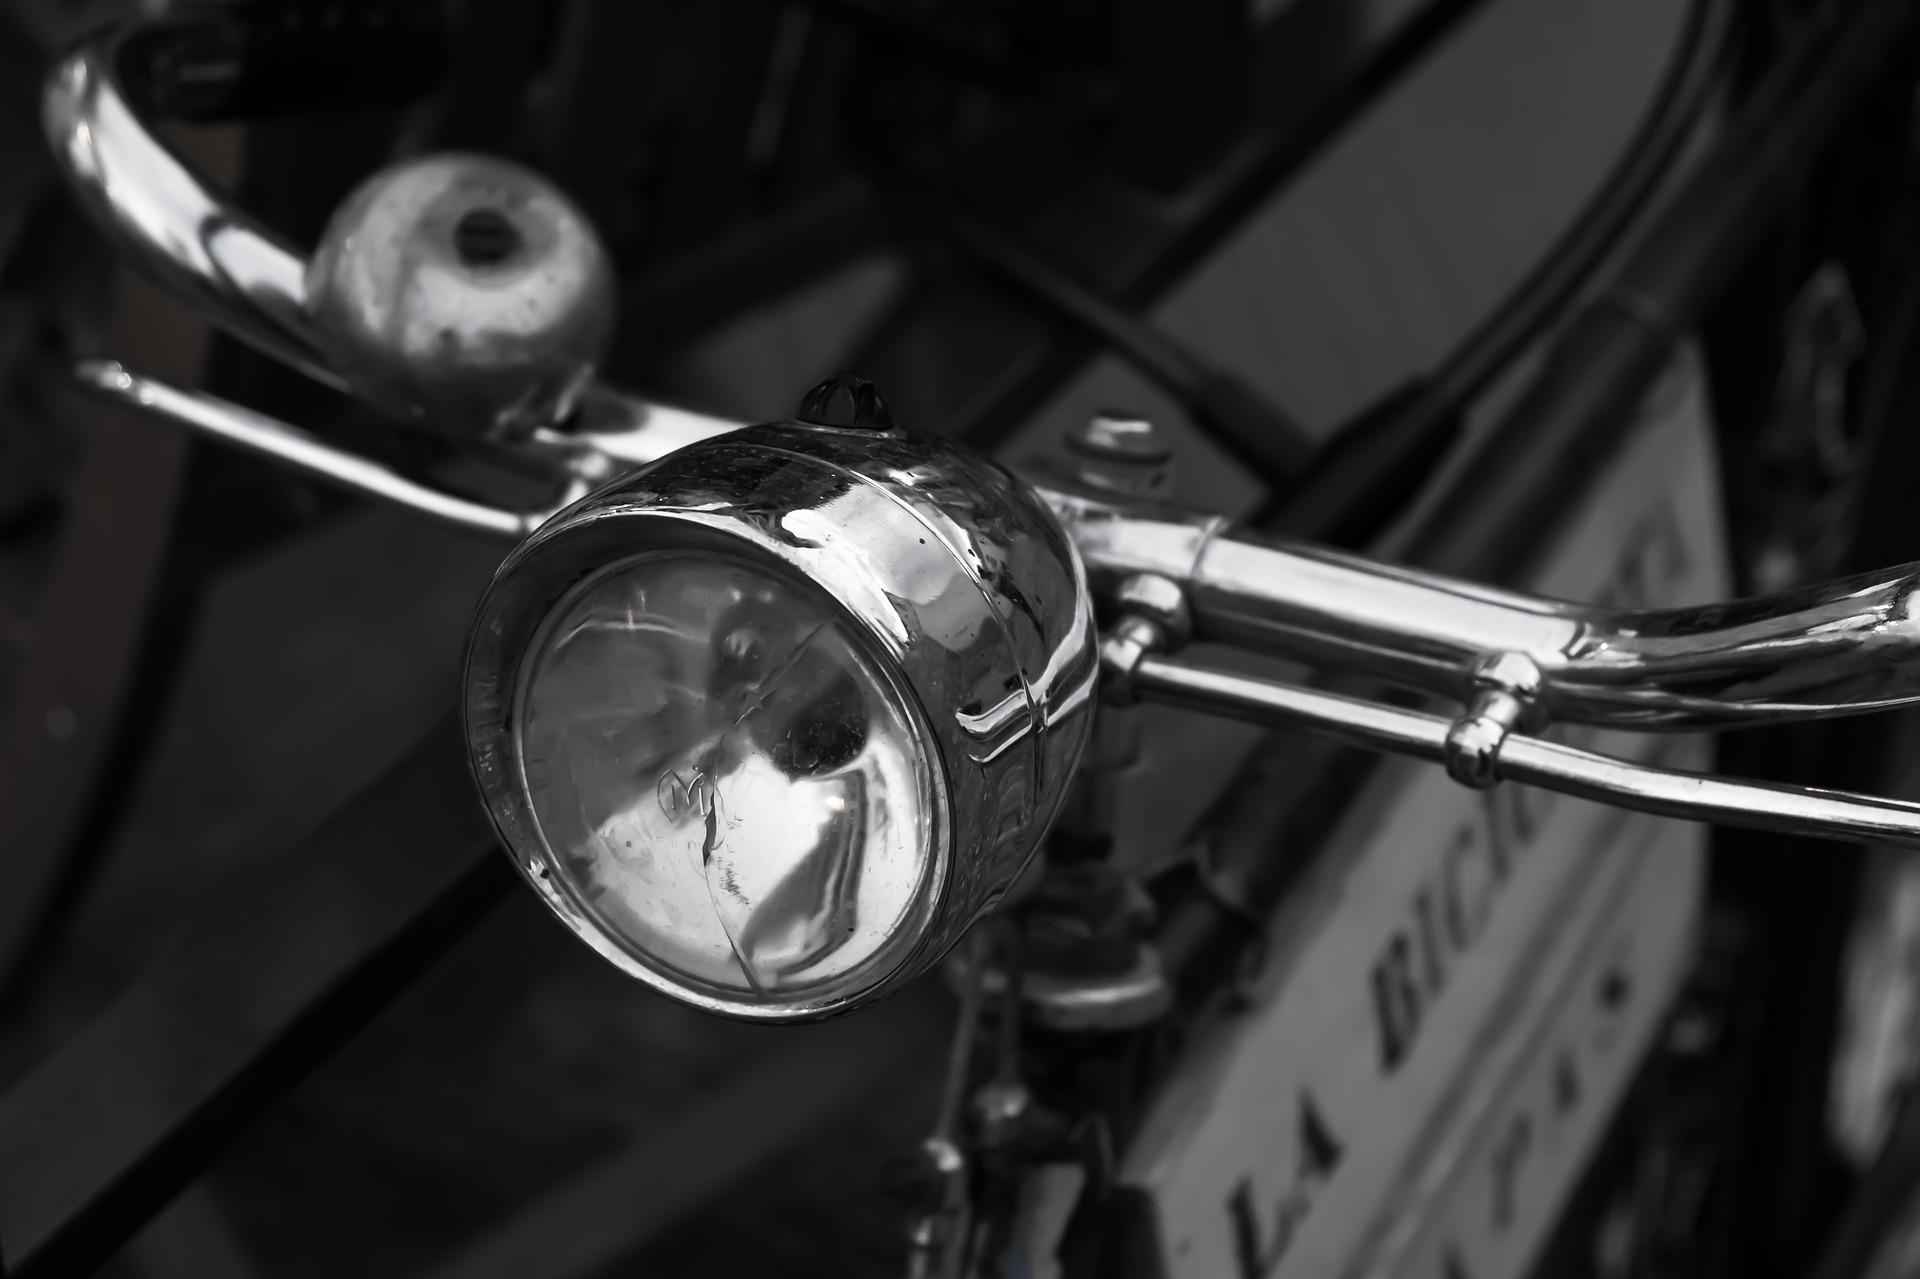 meilleur éclairage vélo puissant